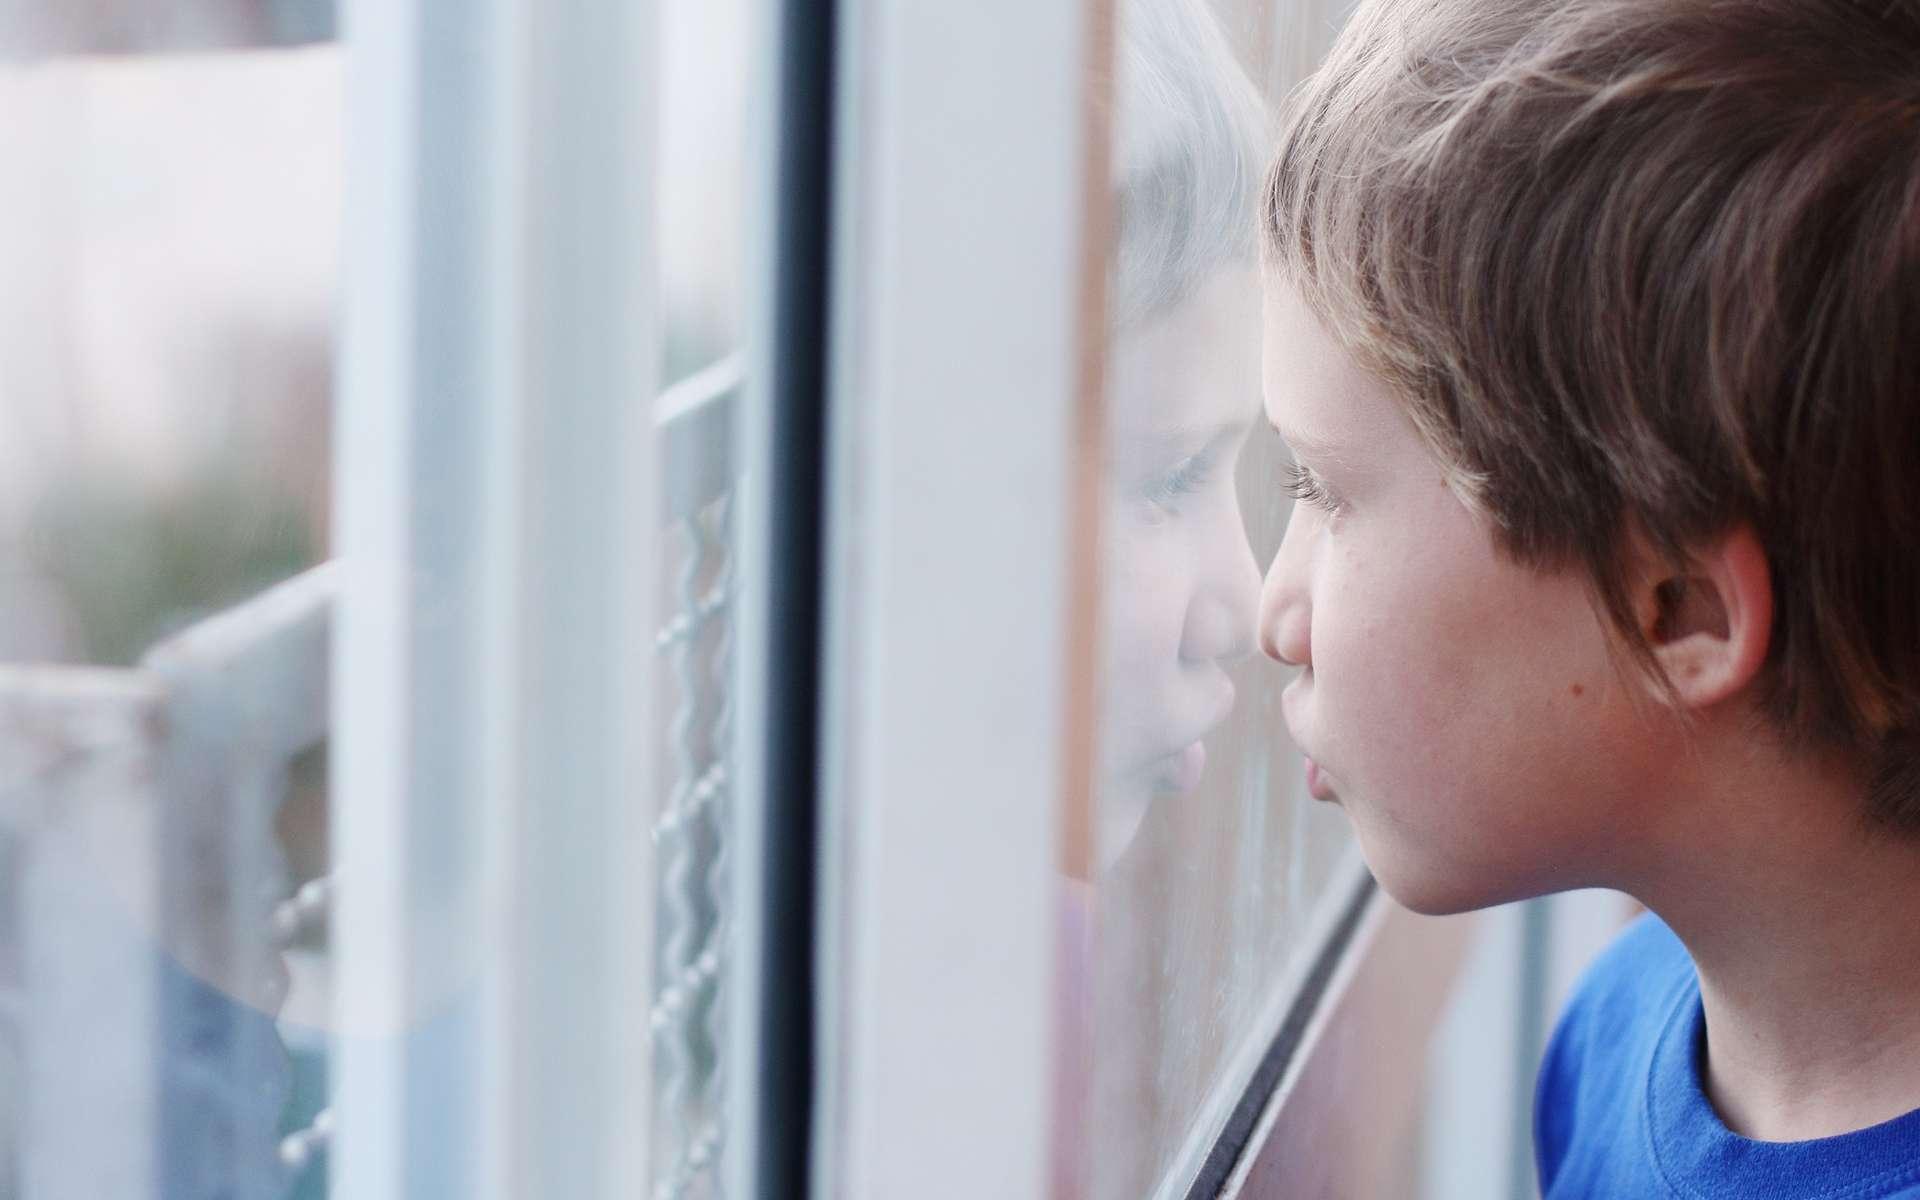 Les enfants atteints du syndrome d'Asperger n'ont pas de retard mental mais rencontrent des difficultés à vivre normalement en société. © Dubova, Shutterstock